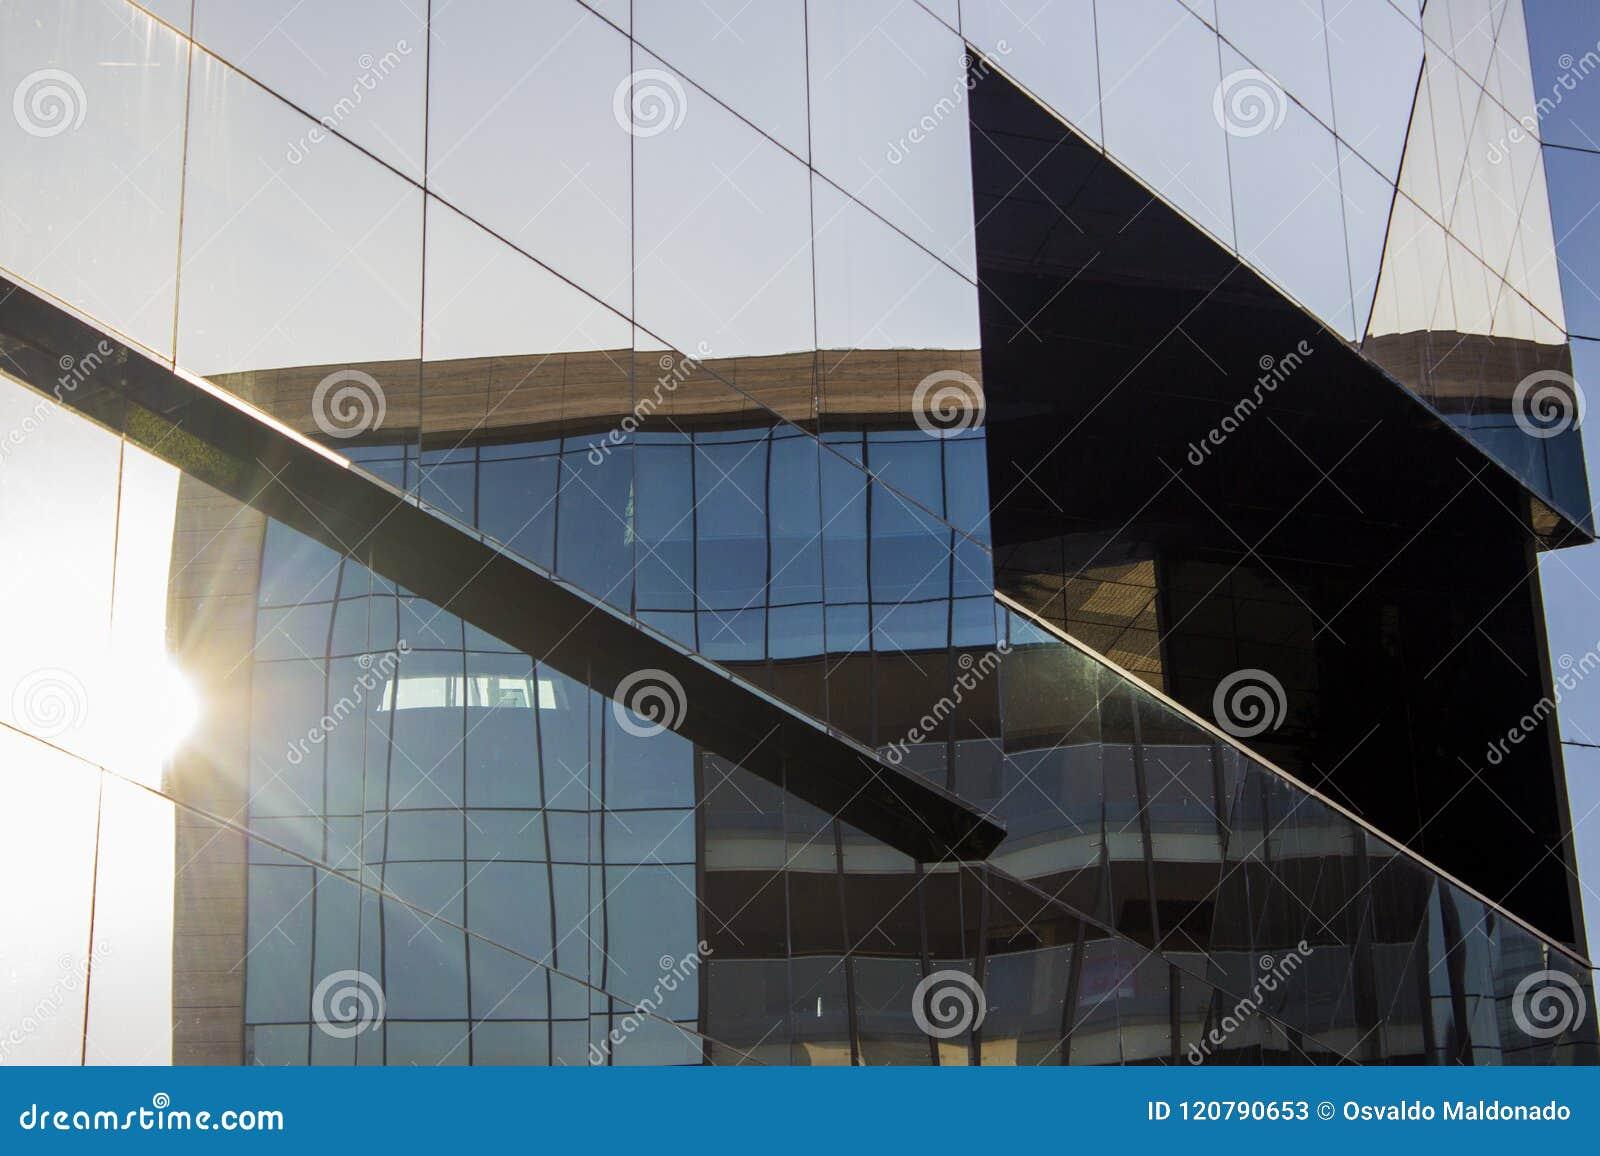 De voormuur van het glasvenster façade van een modern bureaugebouw met een bezinning van de een andere bureaubouw die zich in de